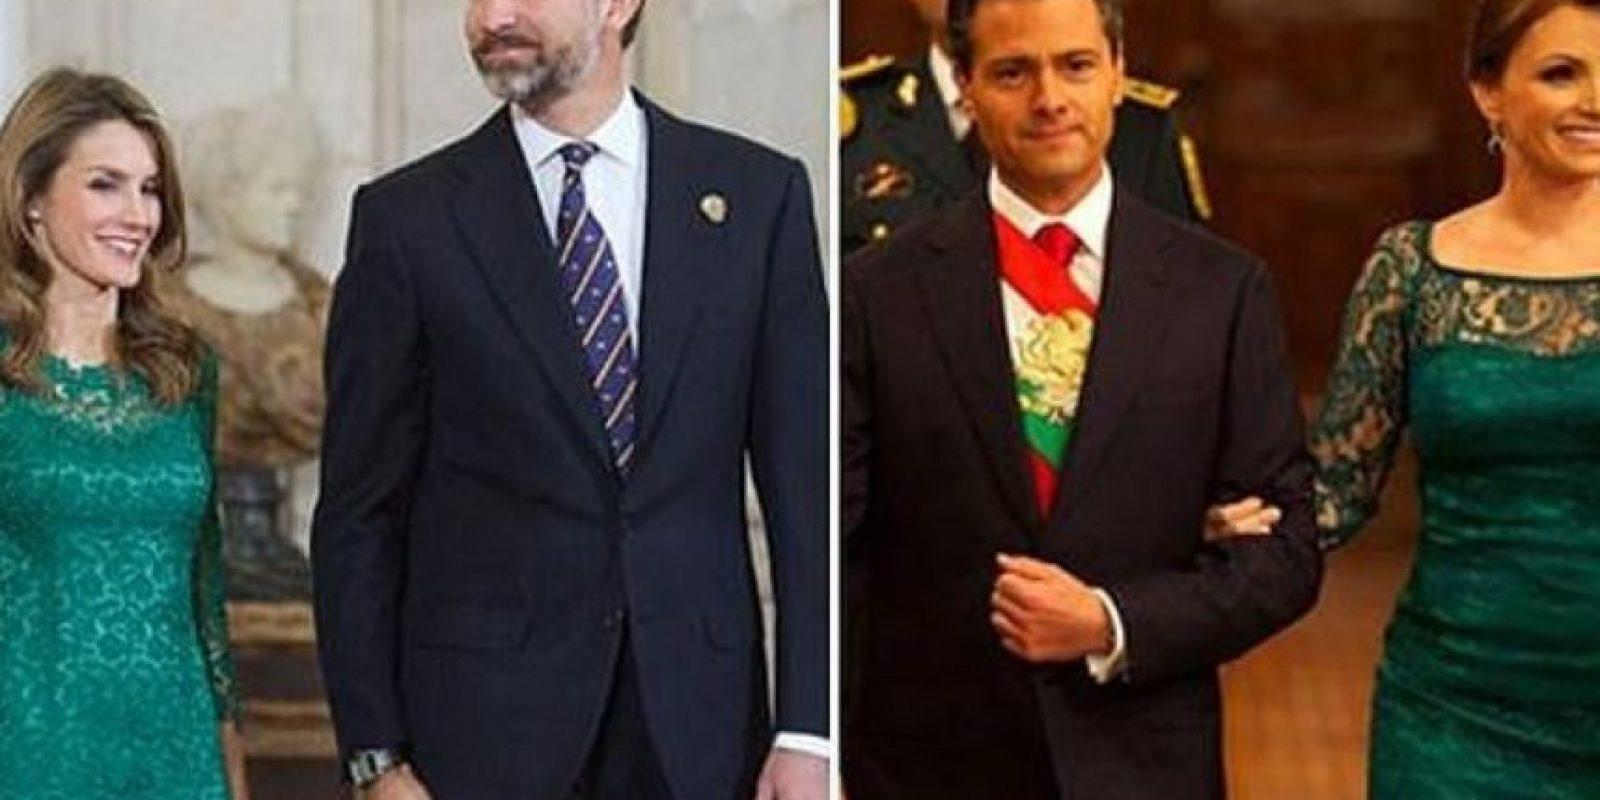 ABC critica el estilo de Angélica Rivera, la acusan de copiar a la reina Letizia. Pero ese no fue su único vestido criticado. Foto:Twitter